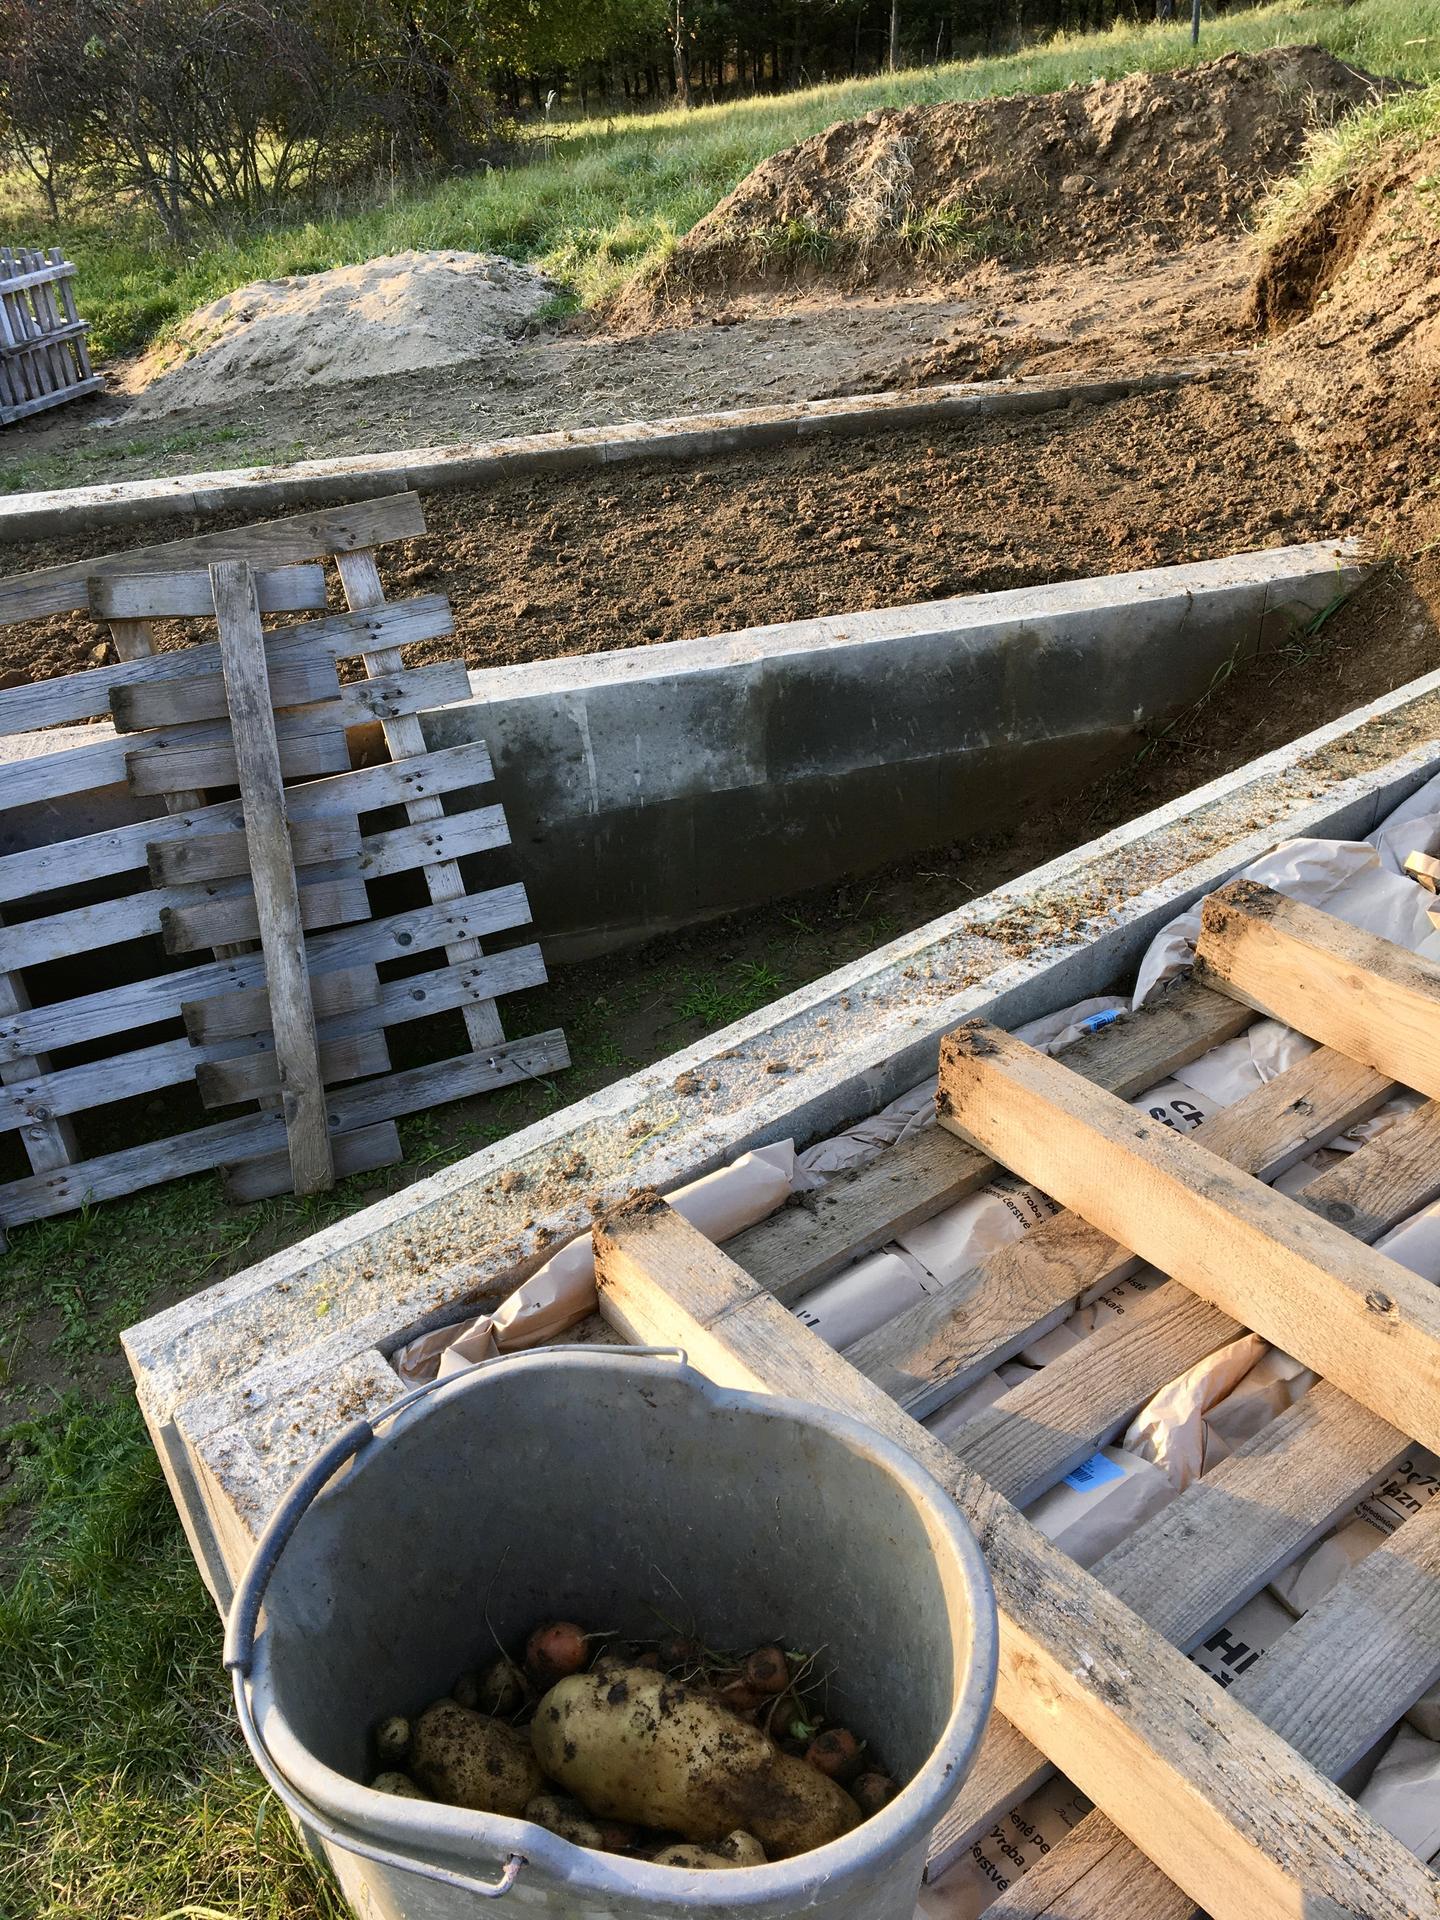 """Fáze druhá ... zahrada - Říjen 2020 - snad aspoň trochu omezím růst plevelů, na zimu jsem záhon """"zamulčovala"""" papírovými taškami a platy od vajec"""